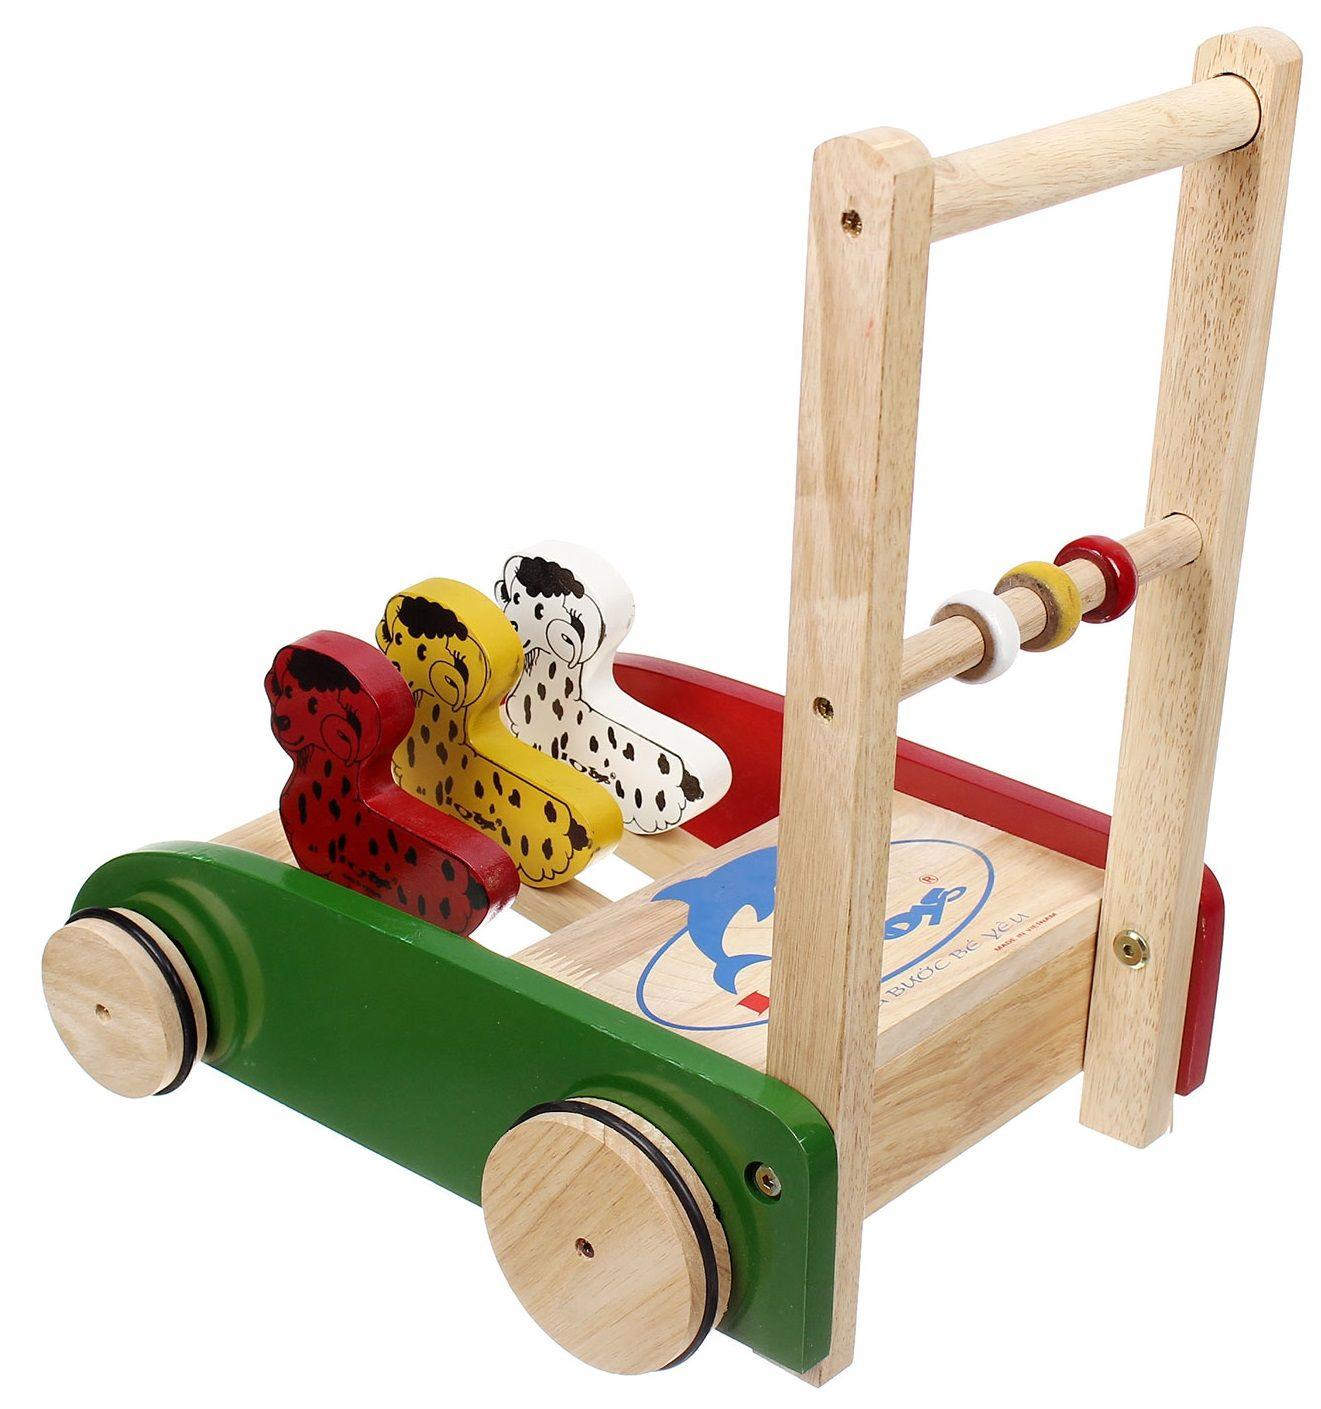 Xe tập đi bằng gỗ IQ Toys hình con vật dễ thương 9